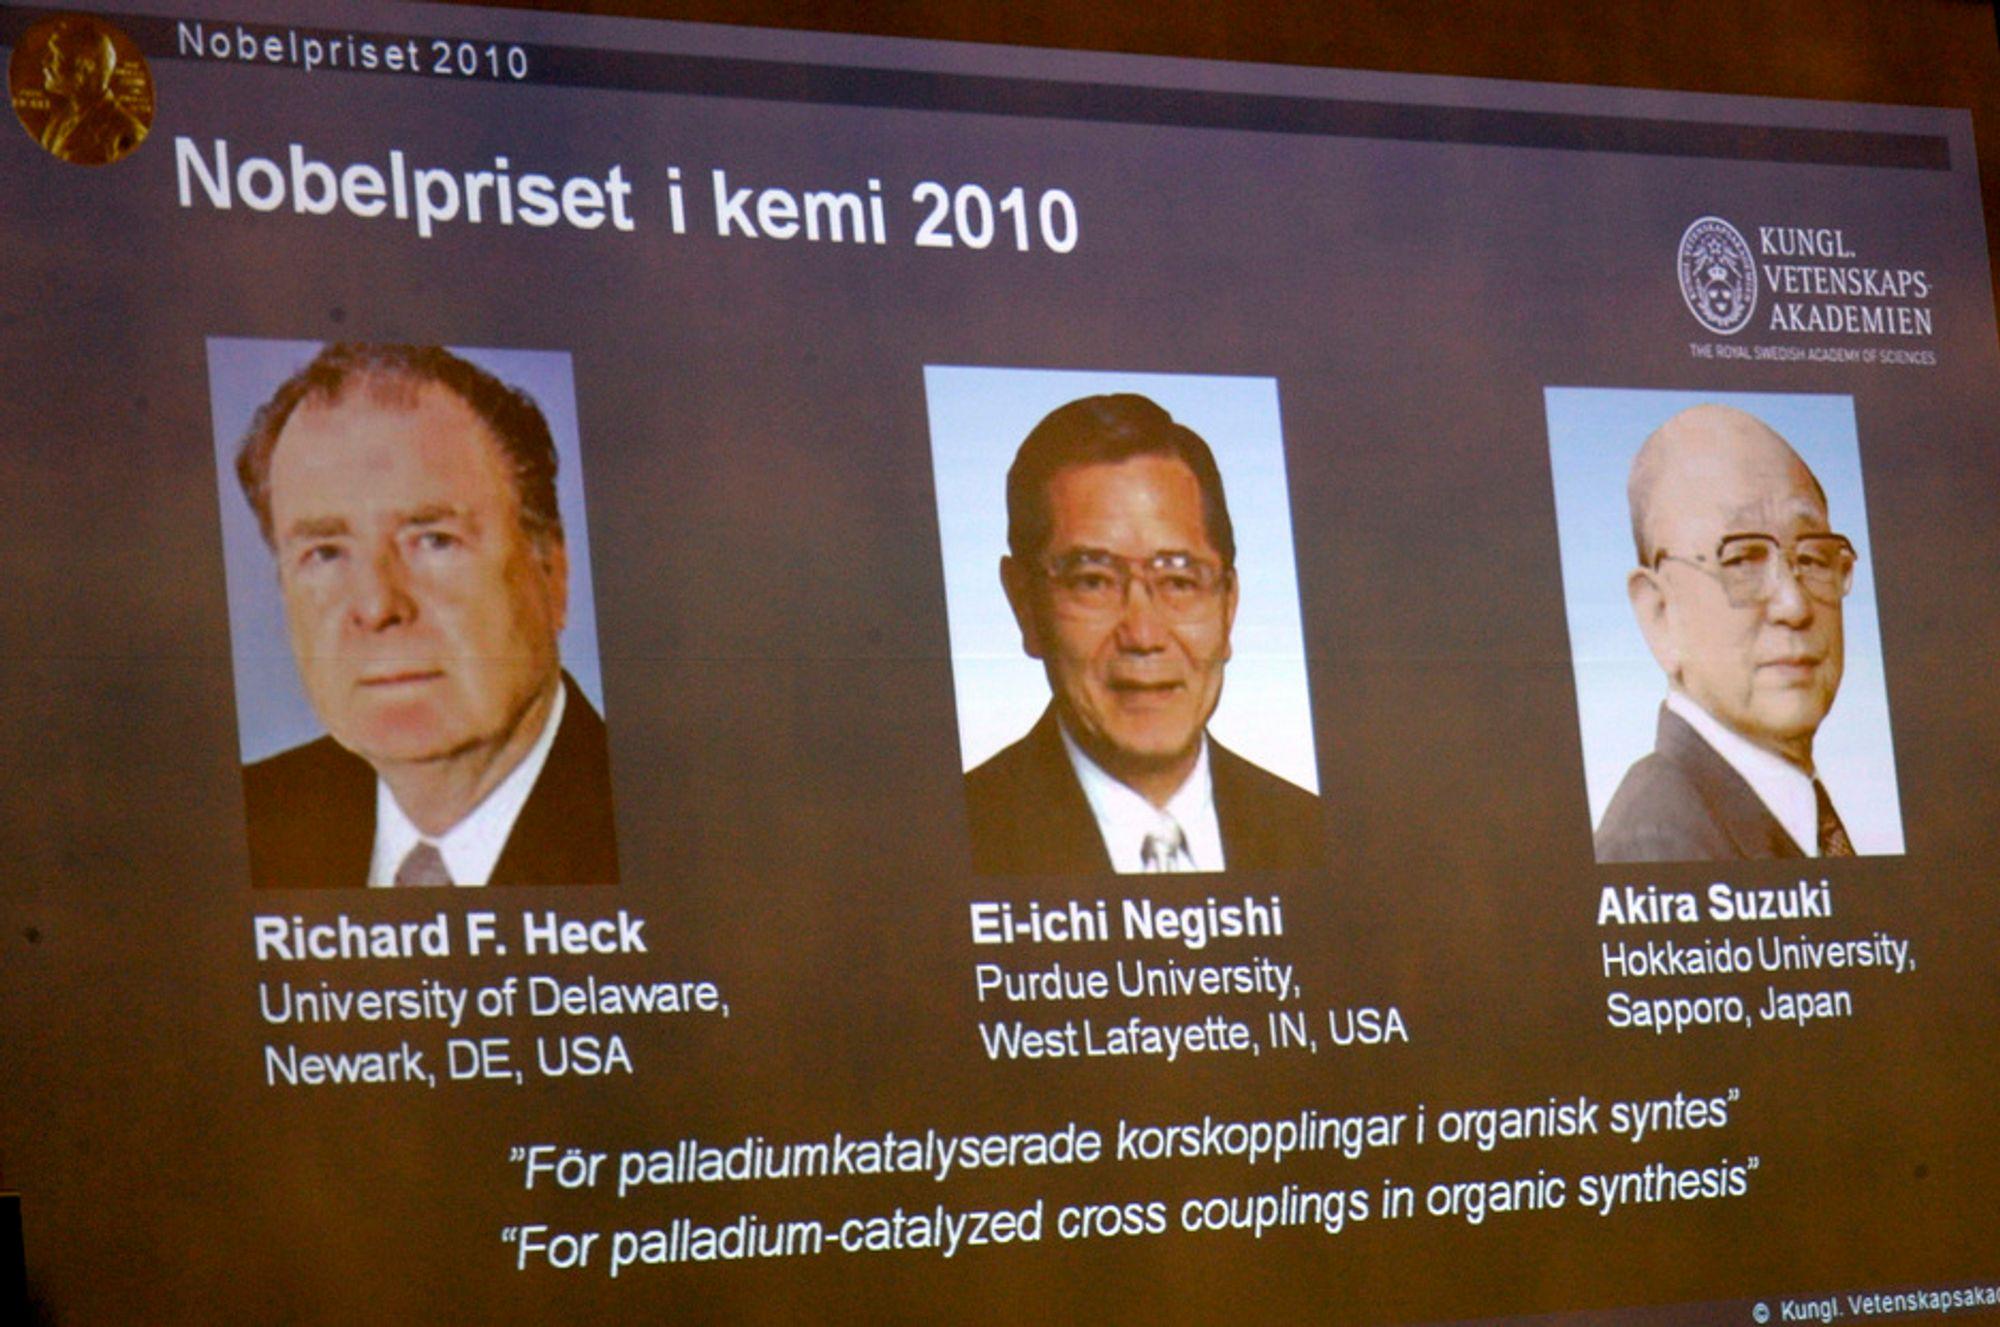 Nobelprisen i kjemi for 2010 går til Richard F Heck, Ei-ichi Negishi og Akira Suzuki.